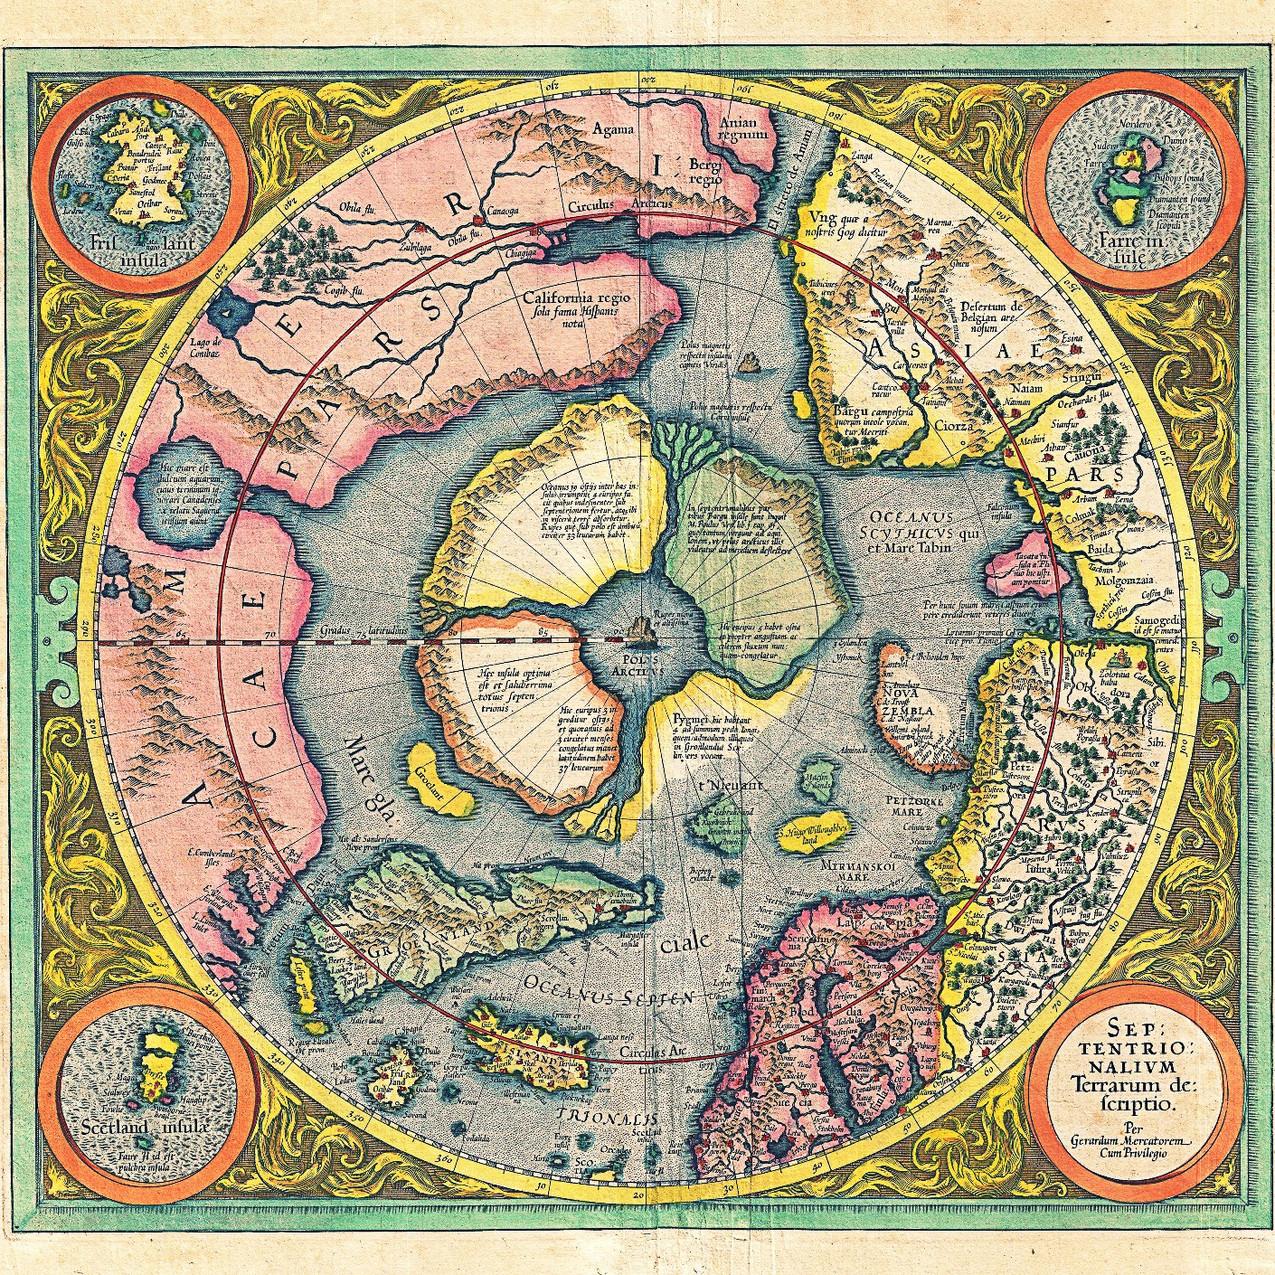 2!1606_Mercator_Hondius_Map_of_the_Arctic_(First_Map_of_the_North_Pole)_-_1628 Septentrionalium Terrarum Descriptio Per Gerardum Mercatorem Cum Privilegio_edited